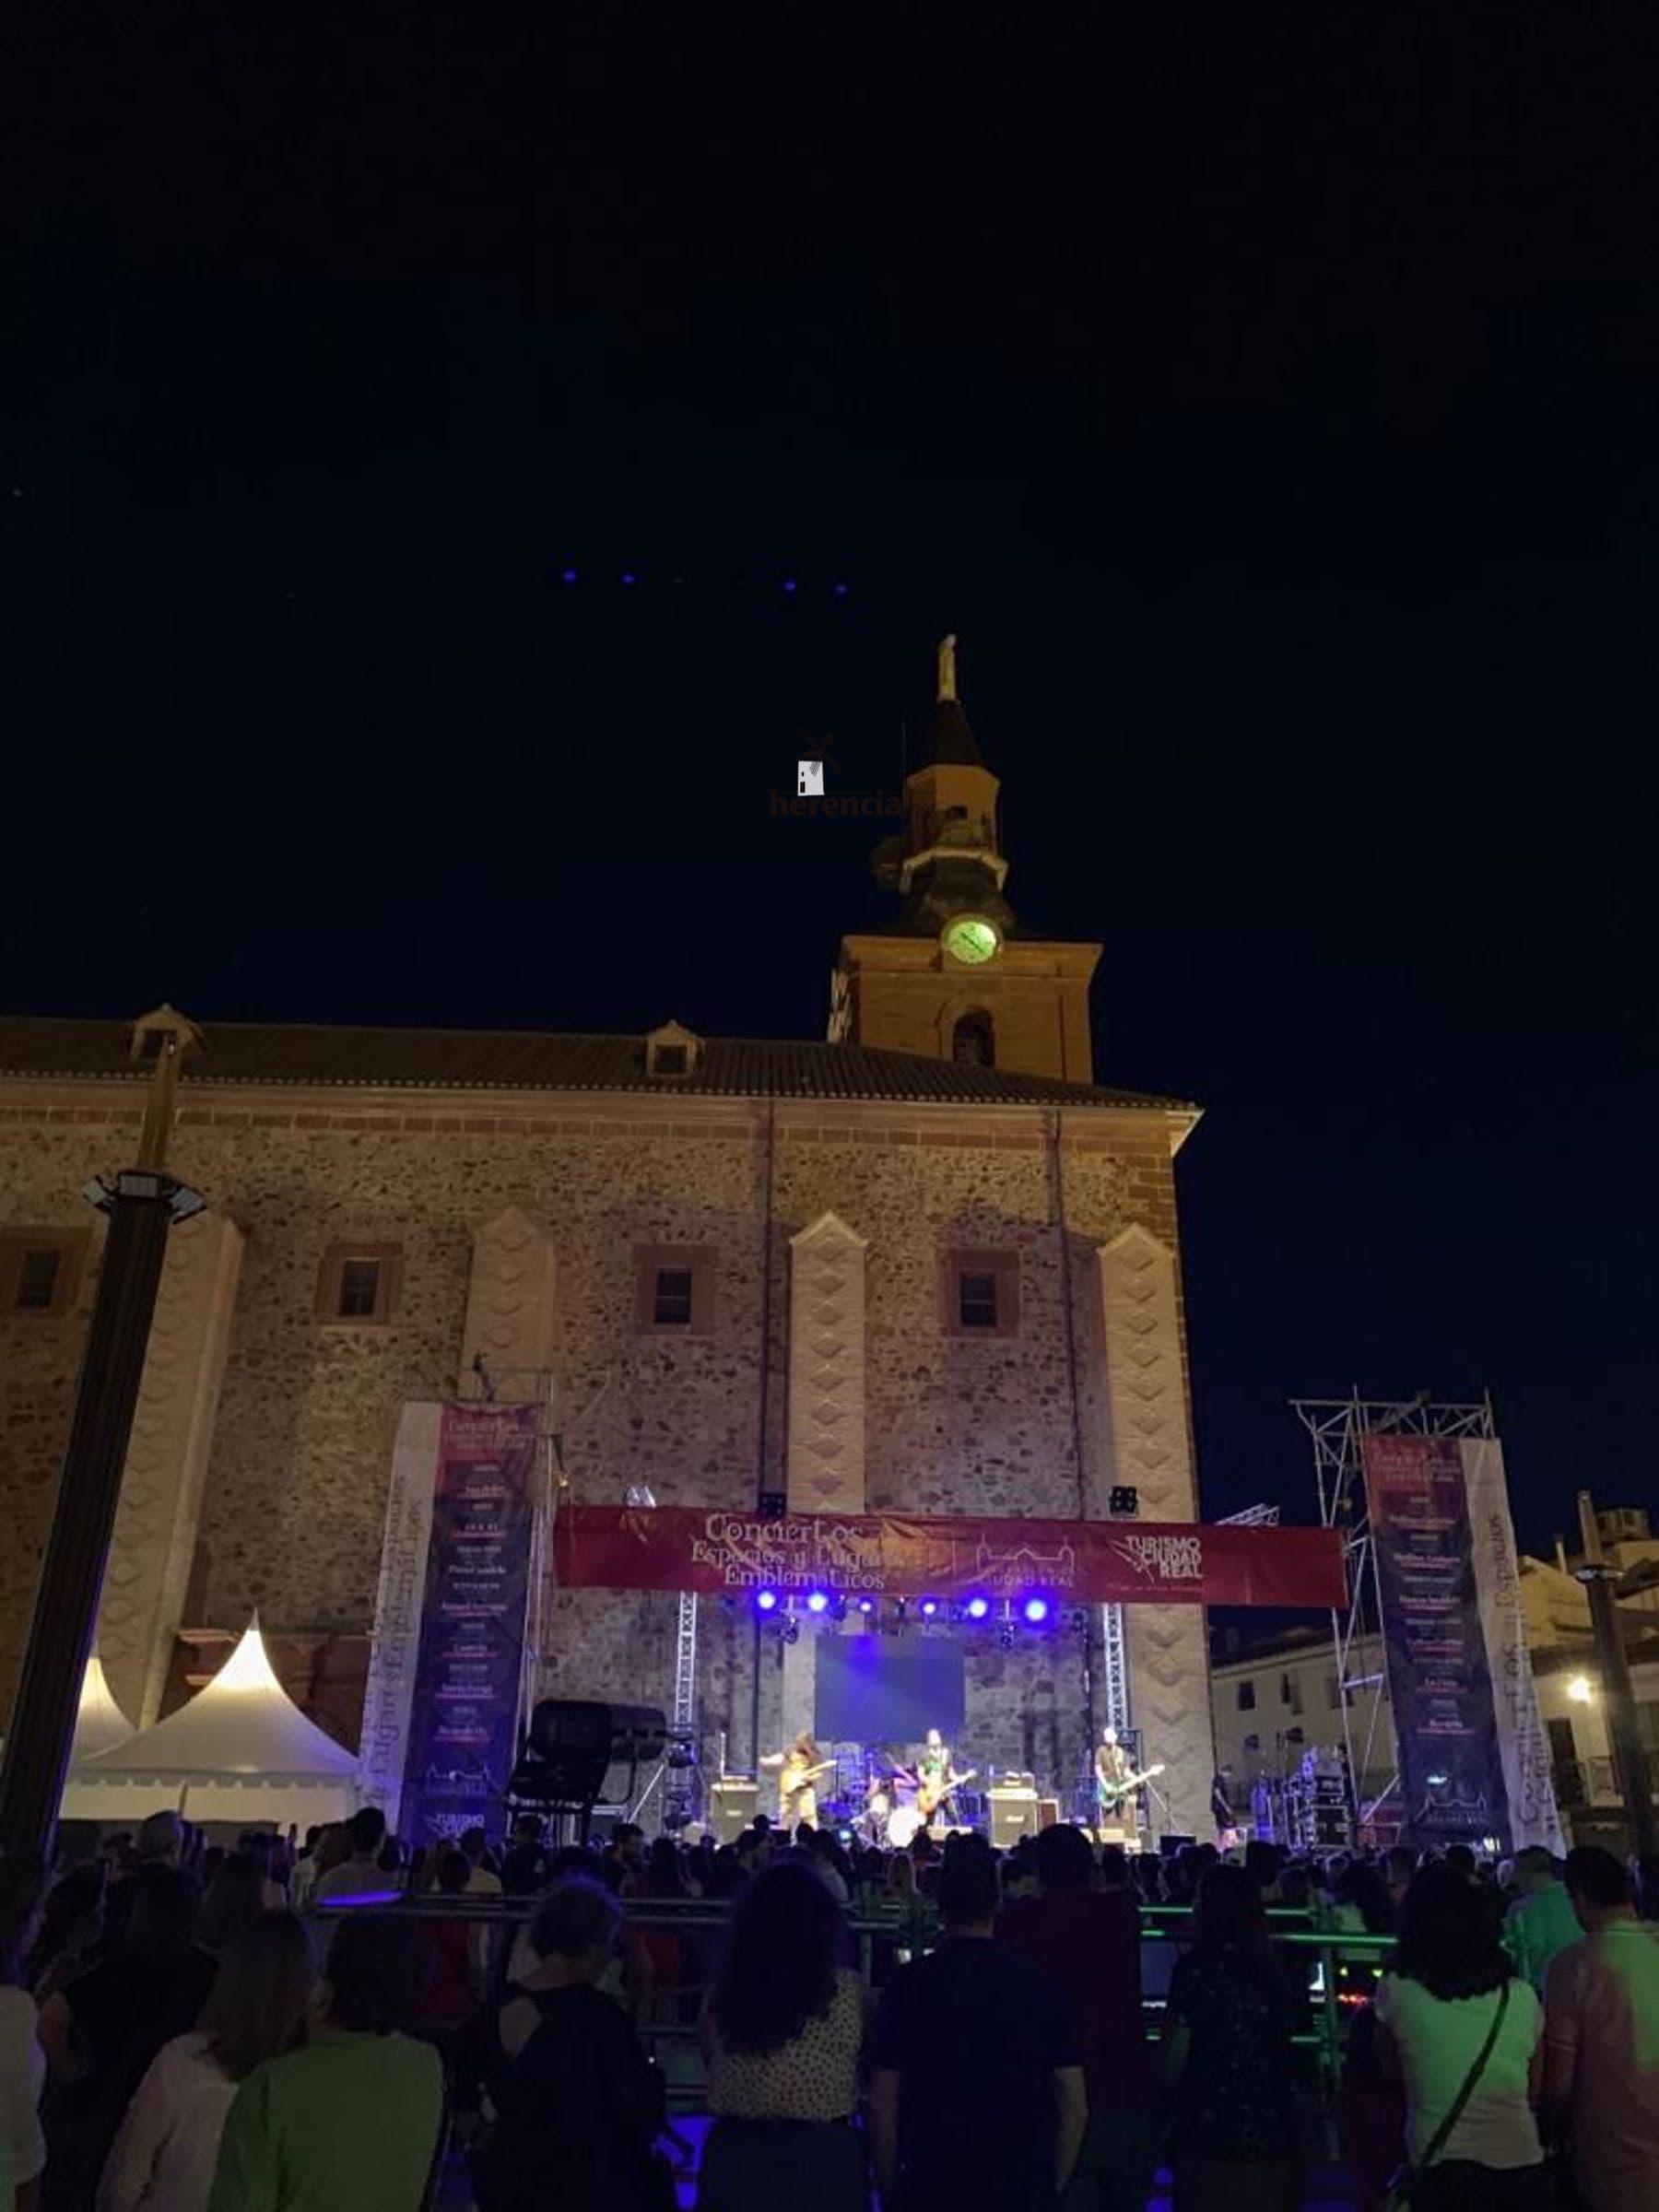 convierto dvicio en herencia 16 - DVICIO llena una renovada Plaza de España en Herencia